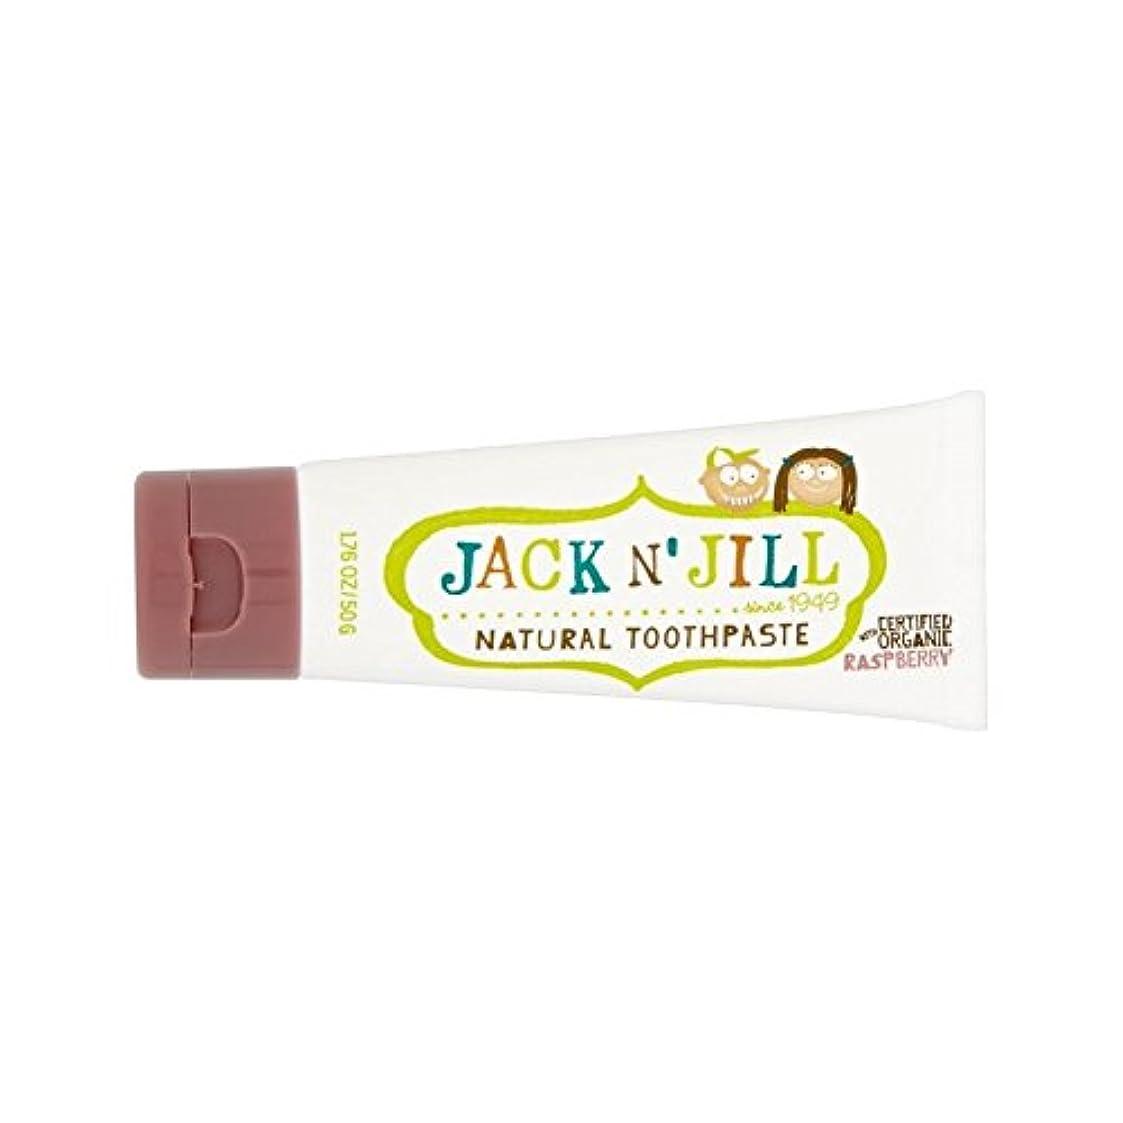 エジプト人引き金兄弟愛有機香味50グラム天然ラズベリー歯磨き粉 (Jack N Jill) - Jack N' Jill Raspberry Toothpaste Natural with Organic Flavouring 50g [並行輸入品]